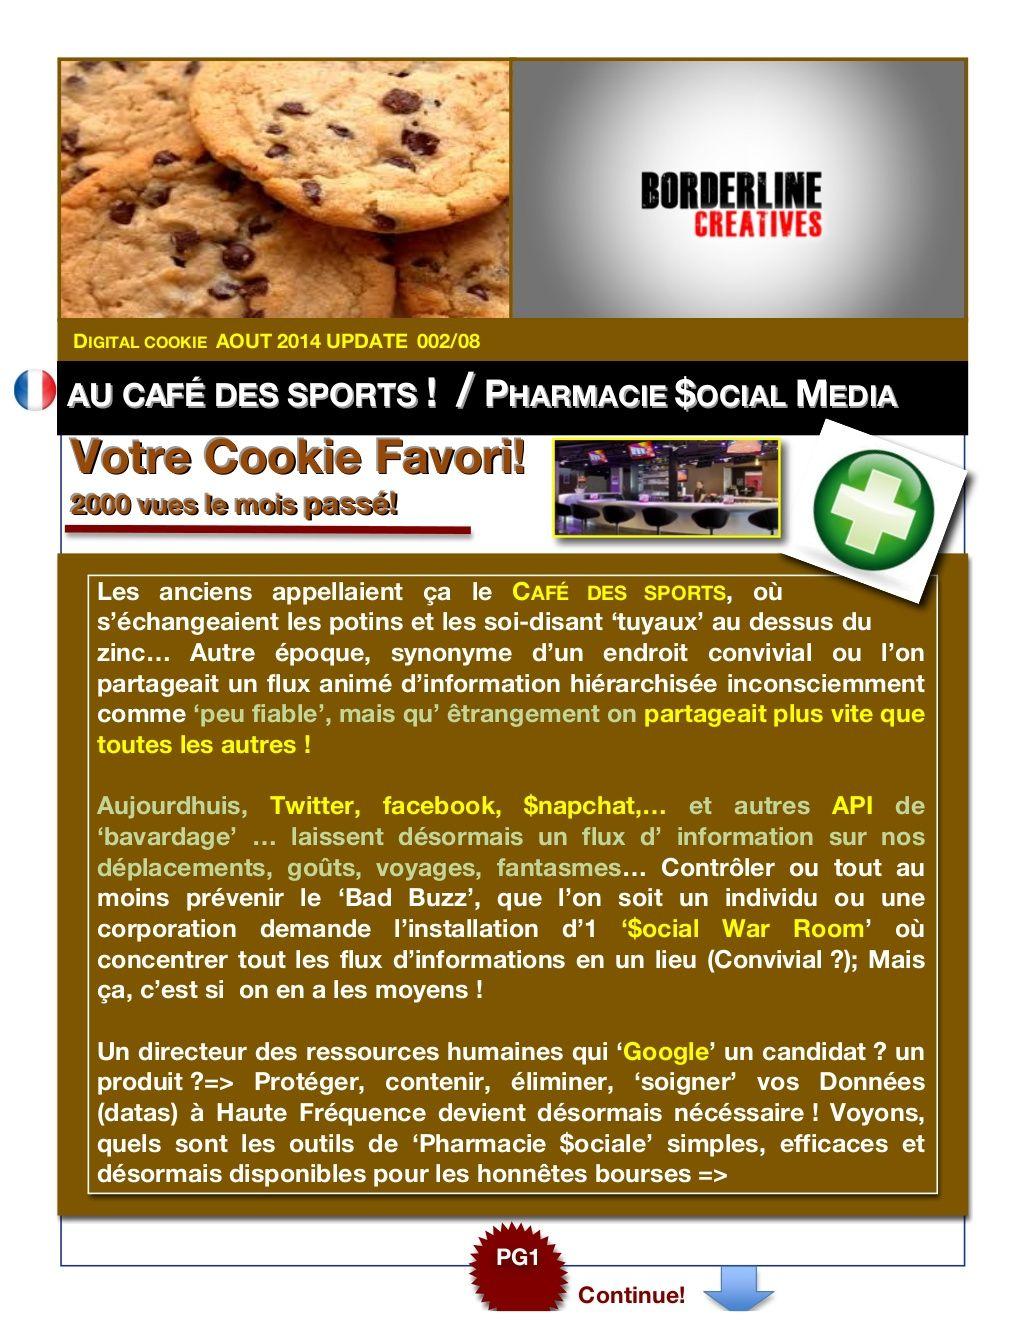 Mais Ou Sont Passé Les Tuyaux digital cookie 002/08borderline creatives via slideshare